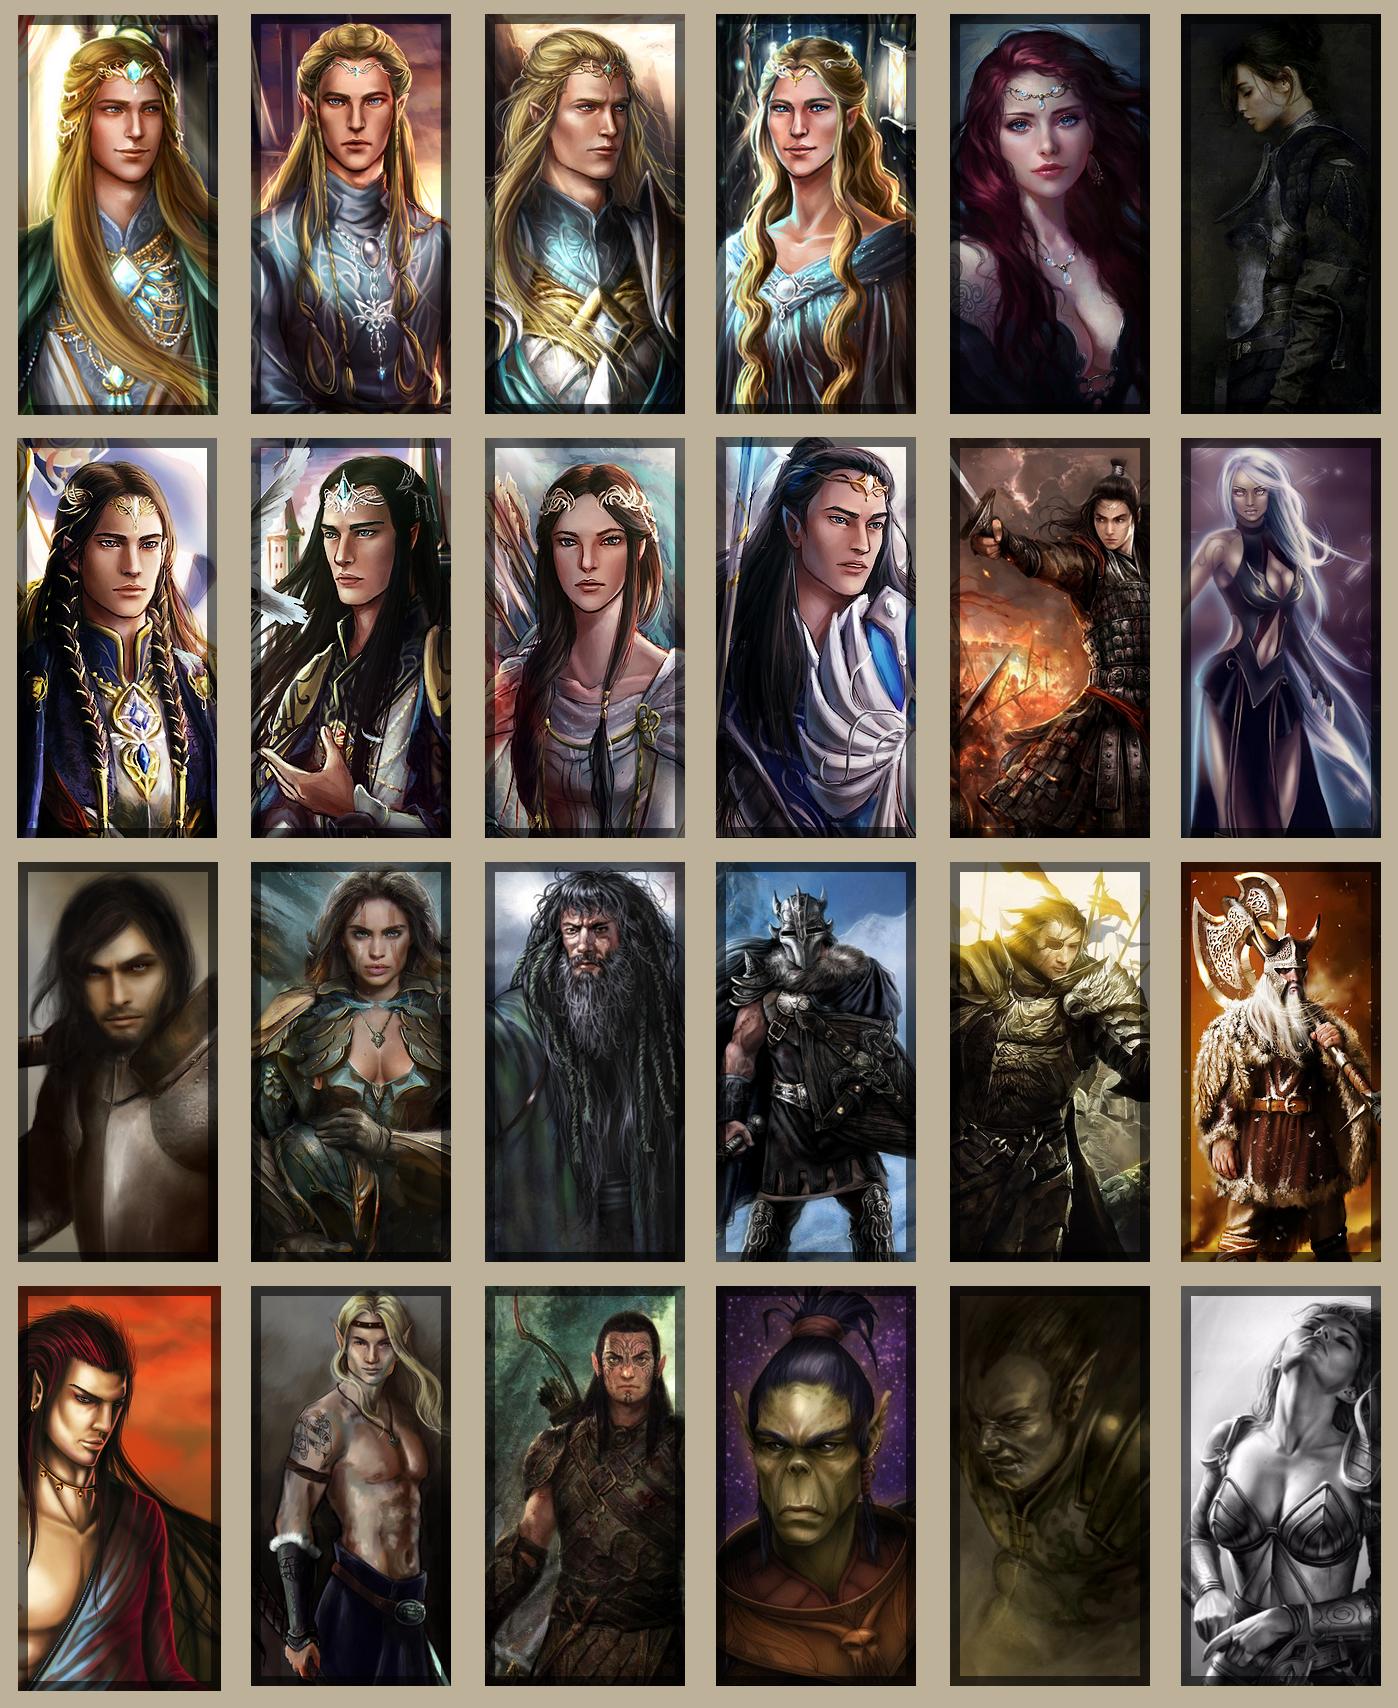 Galerie d'avatars - Inspiration et idées de personnage 631579avatars5